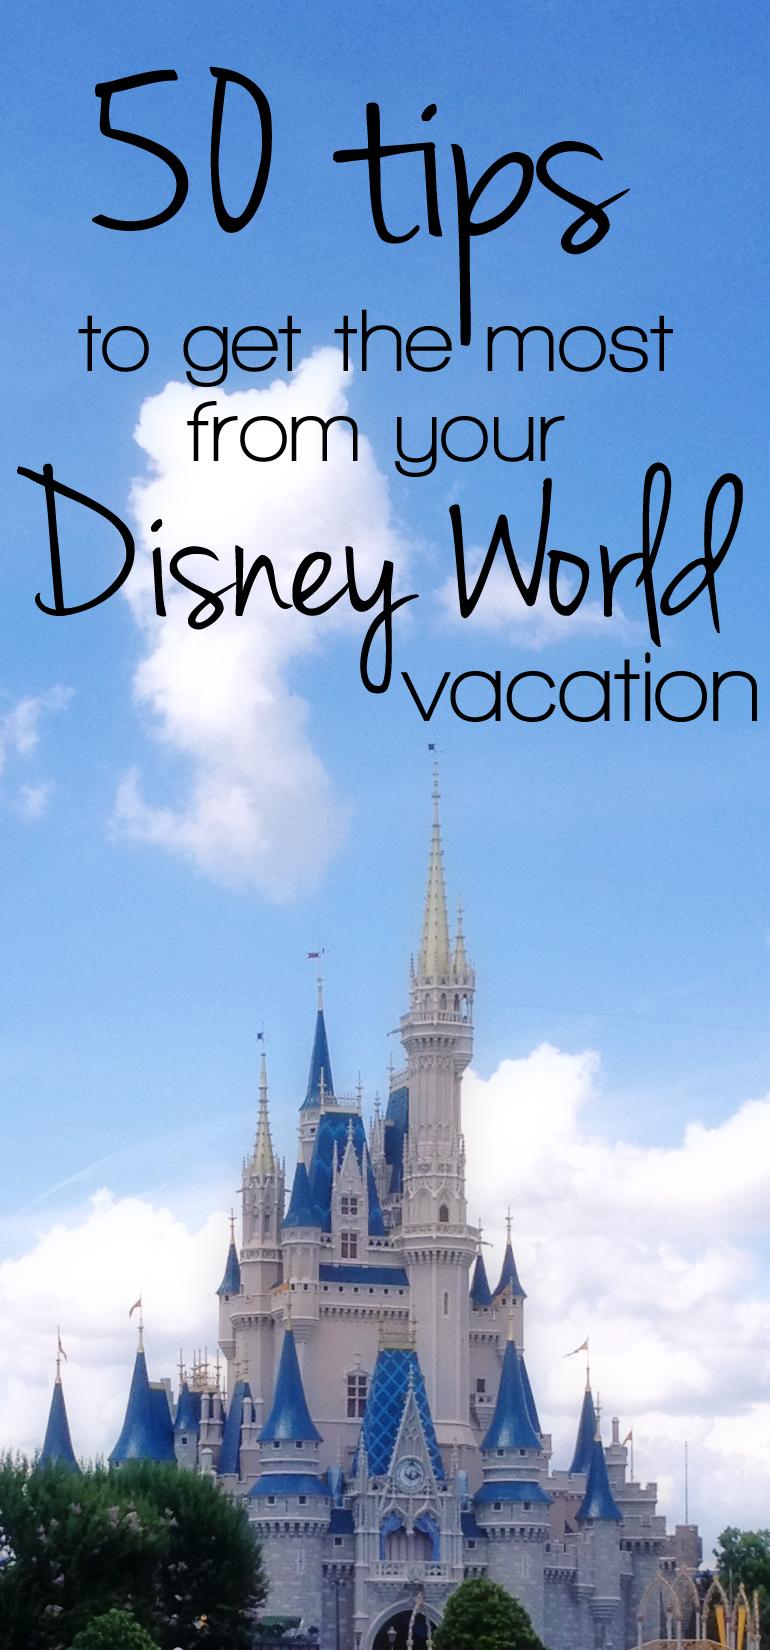 Walt Disney World Orlando Travel Guide - Expert Picks for ...